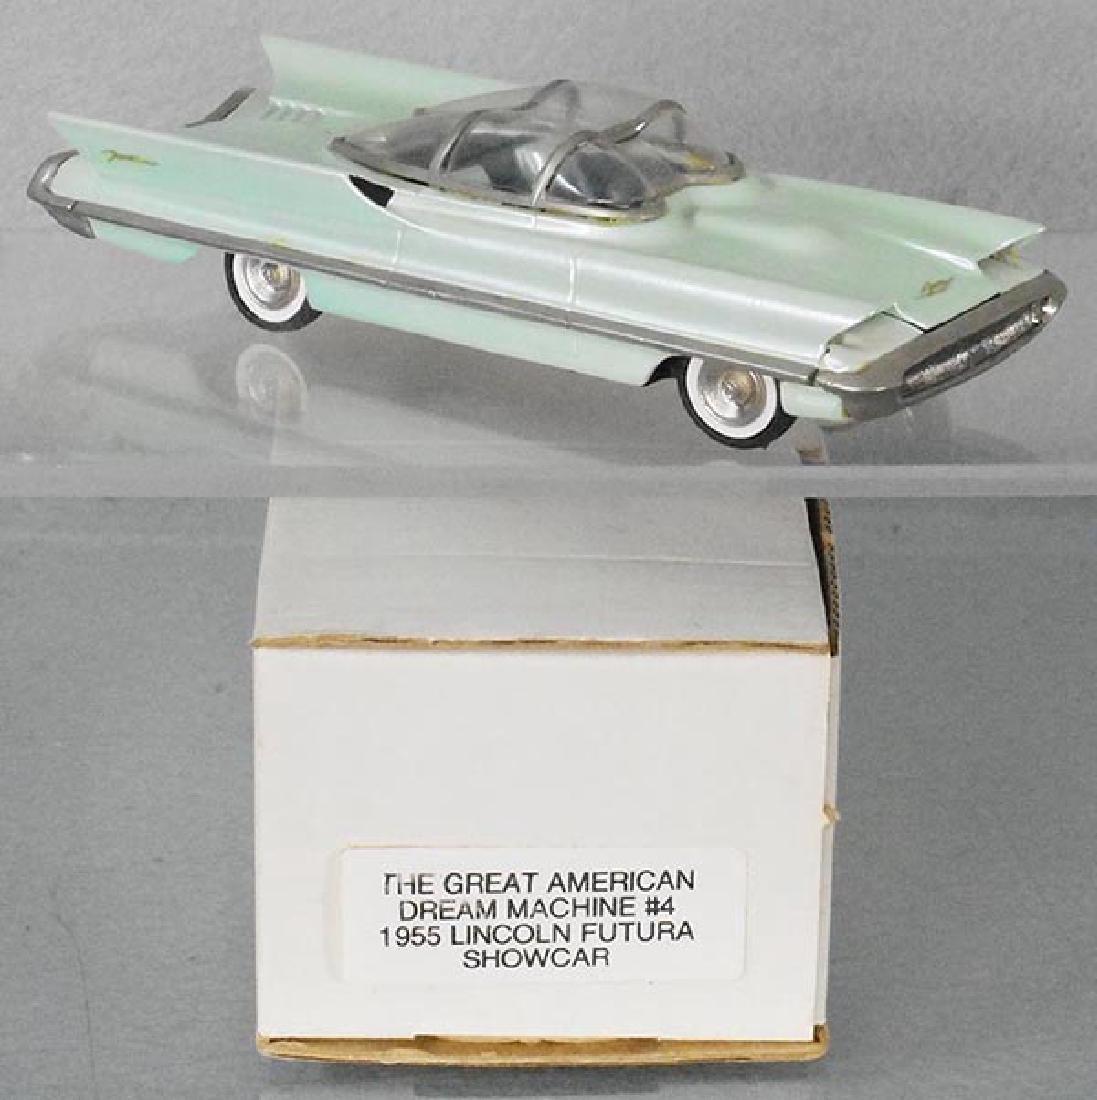 GREAT AMERICAN DREAM MACHINE 4 LINCOLN FUTURA